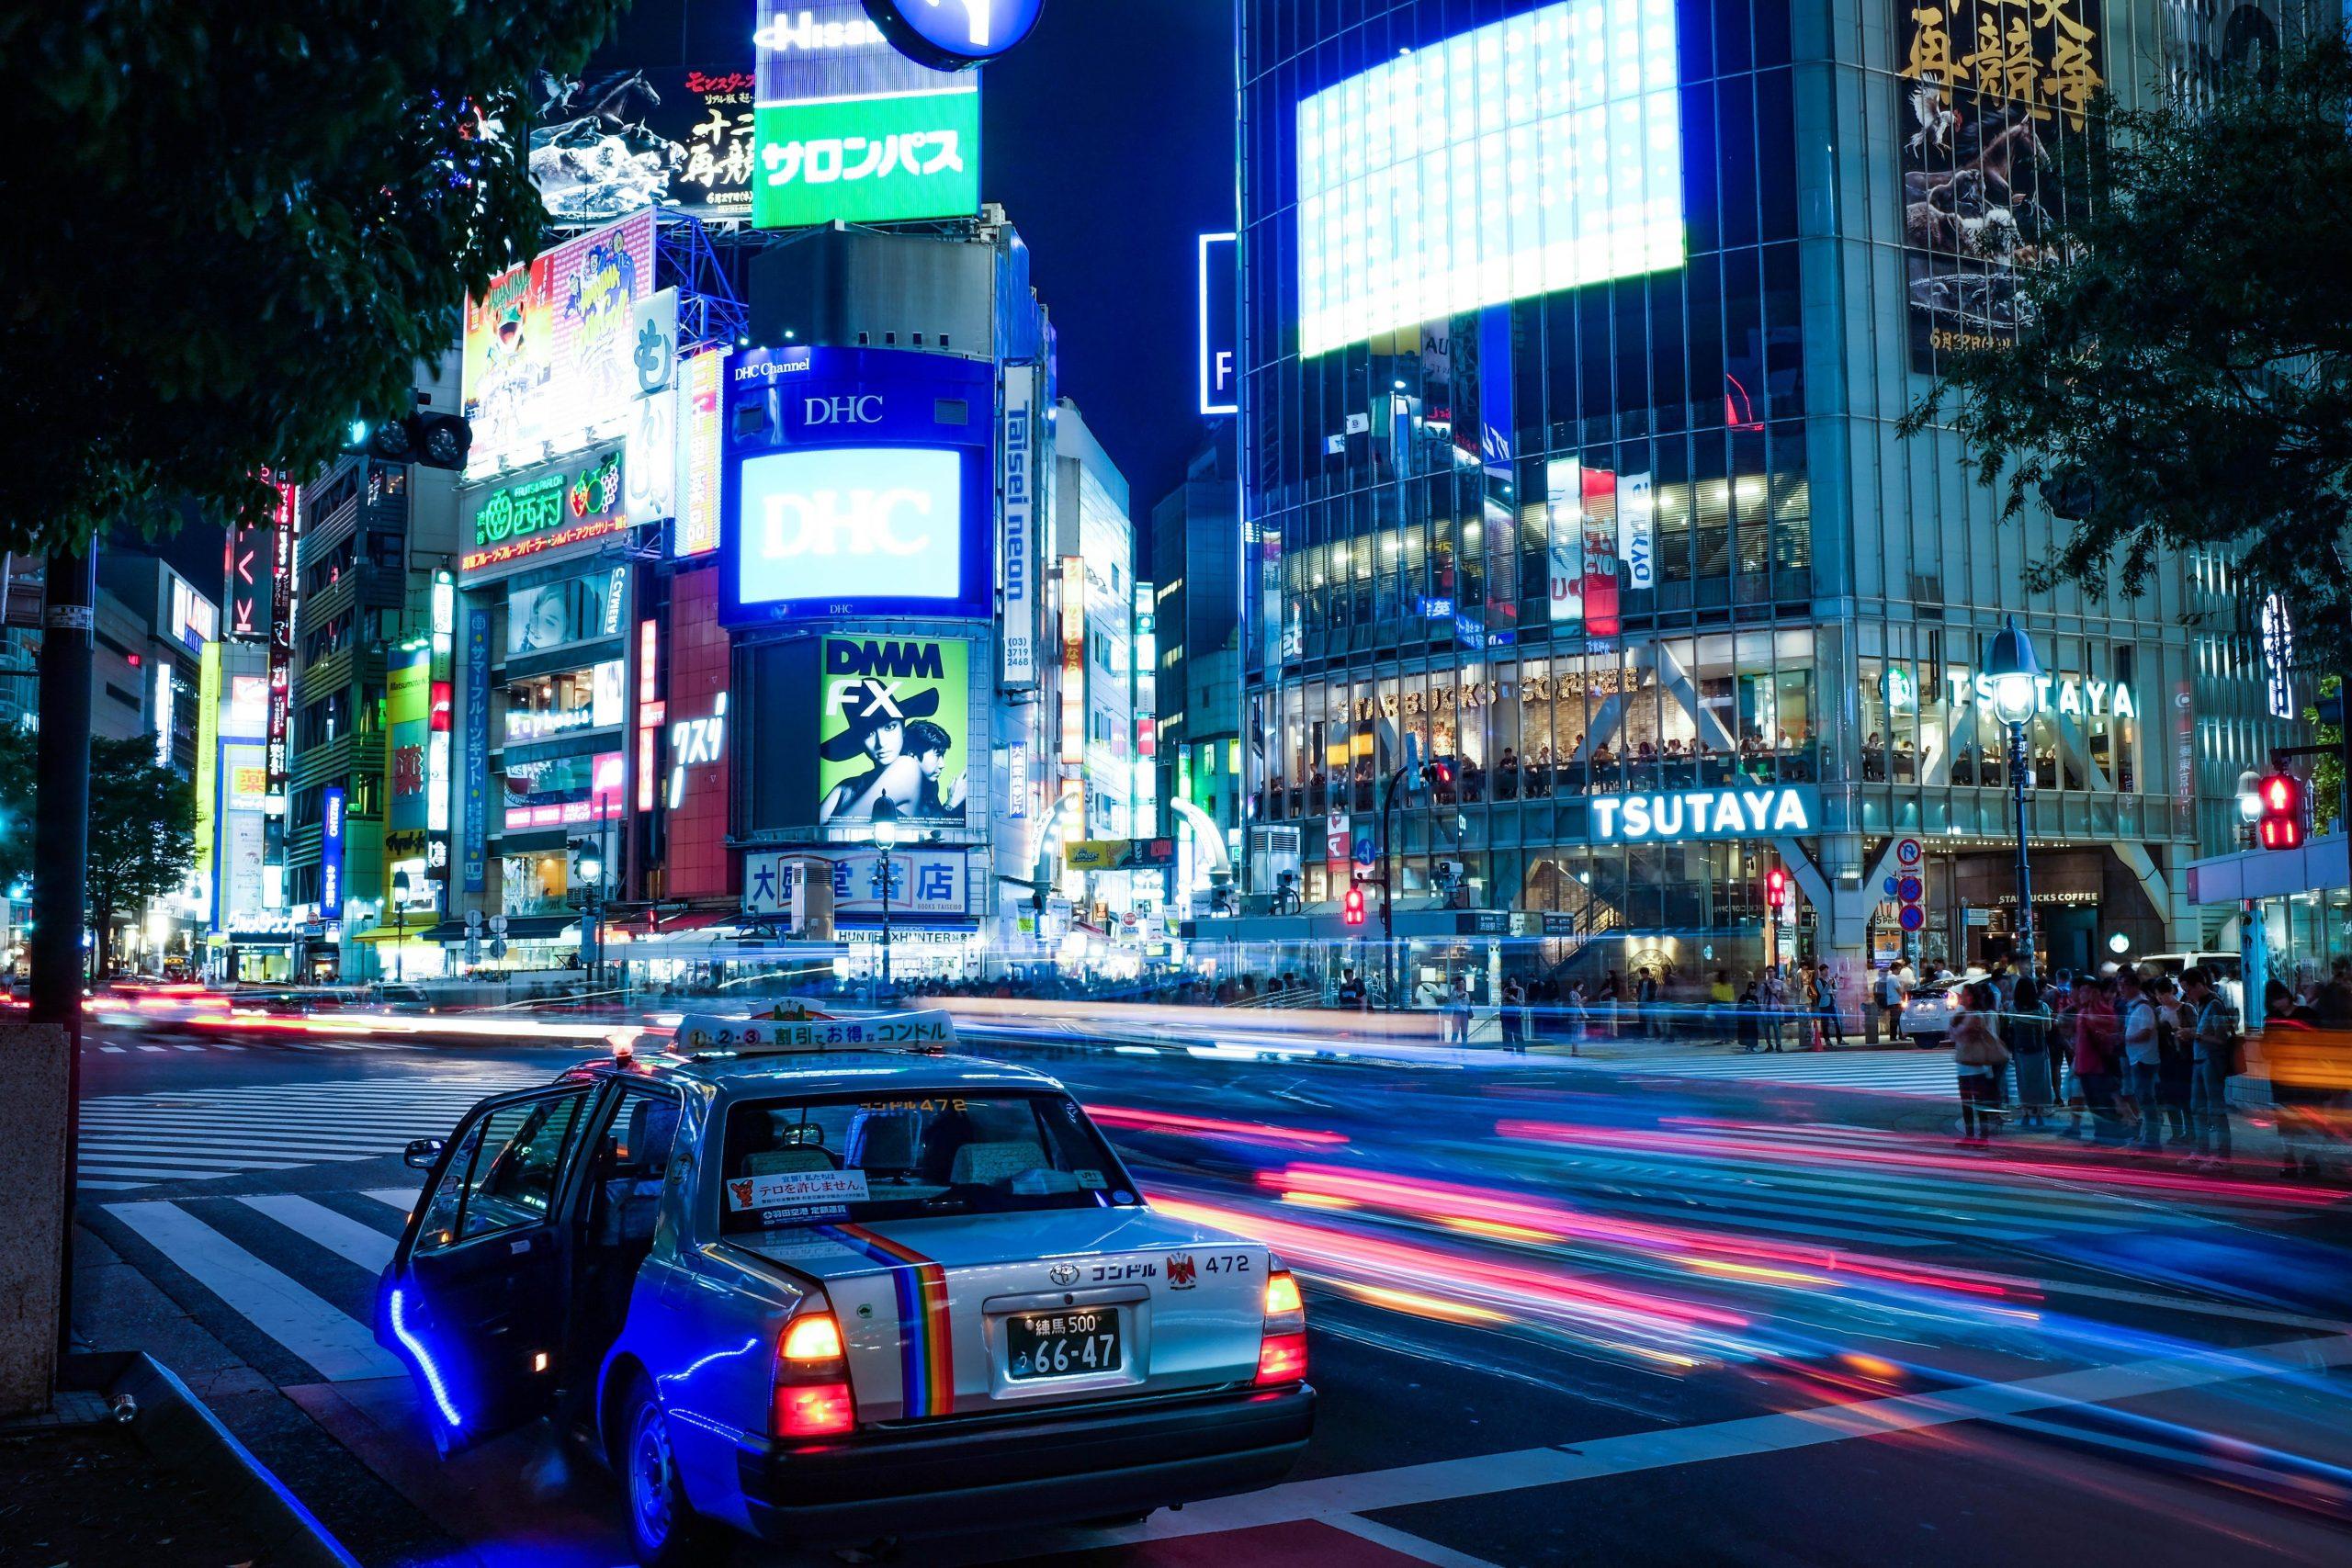 Japan - Tokyo - Sci-fi - rejser